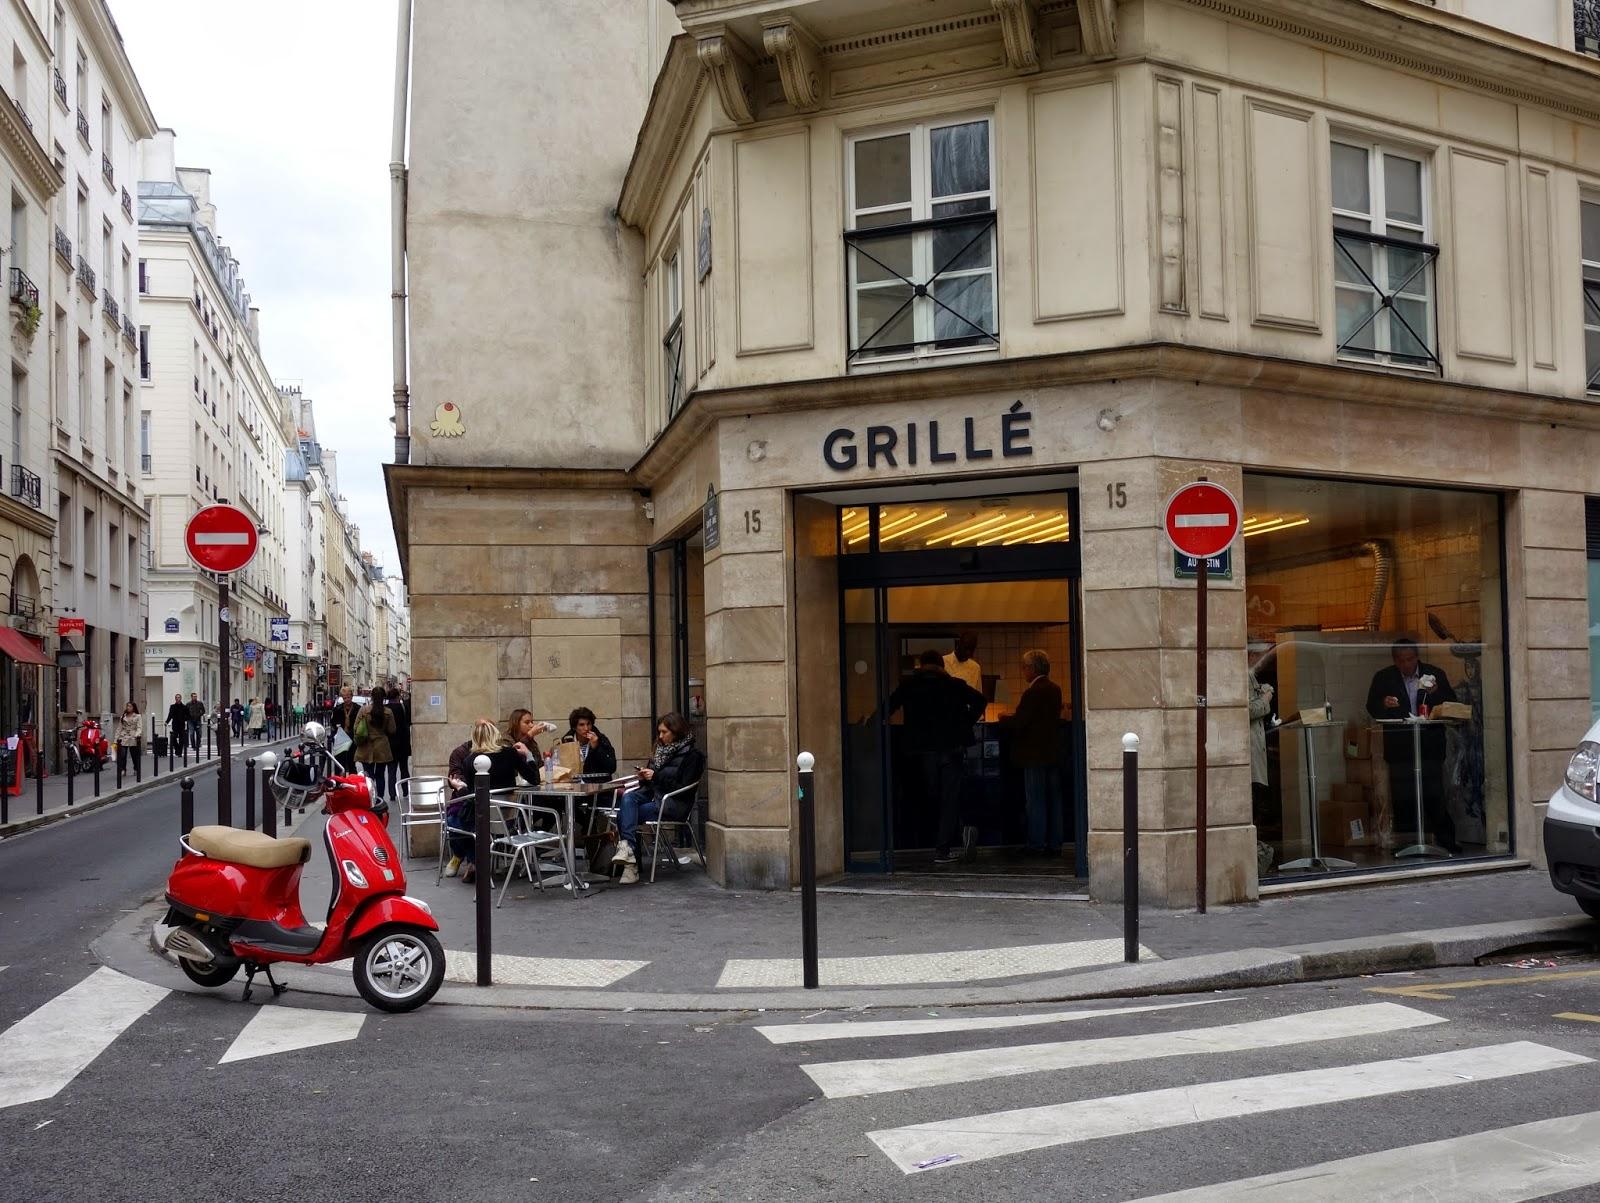 Mes adresses grill le kebab gastronomique au coin de la rue 15 rue saint augustin paris - Restaurant la grille paris 10 ...